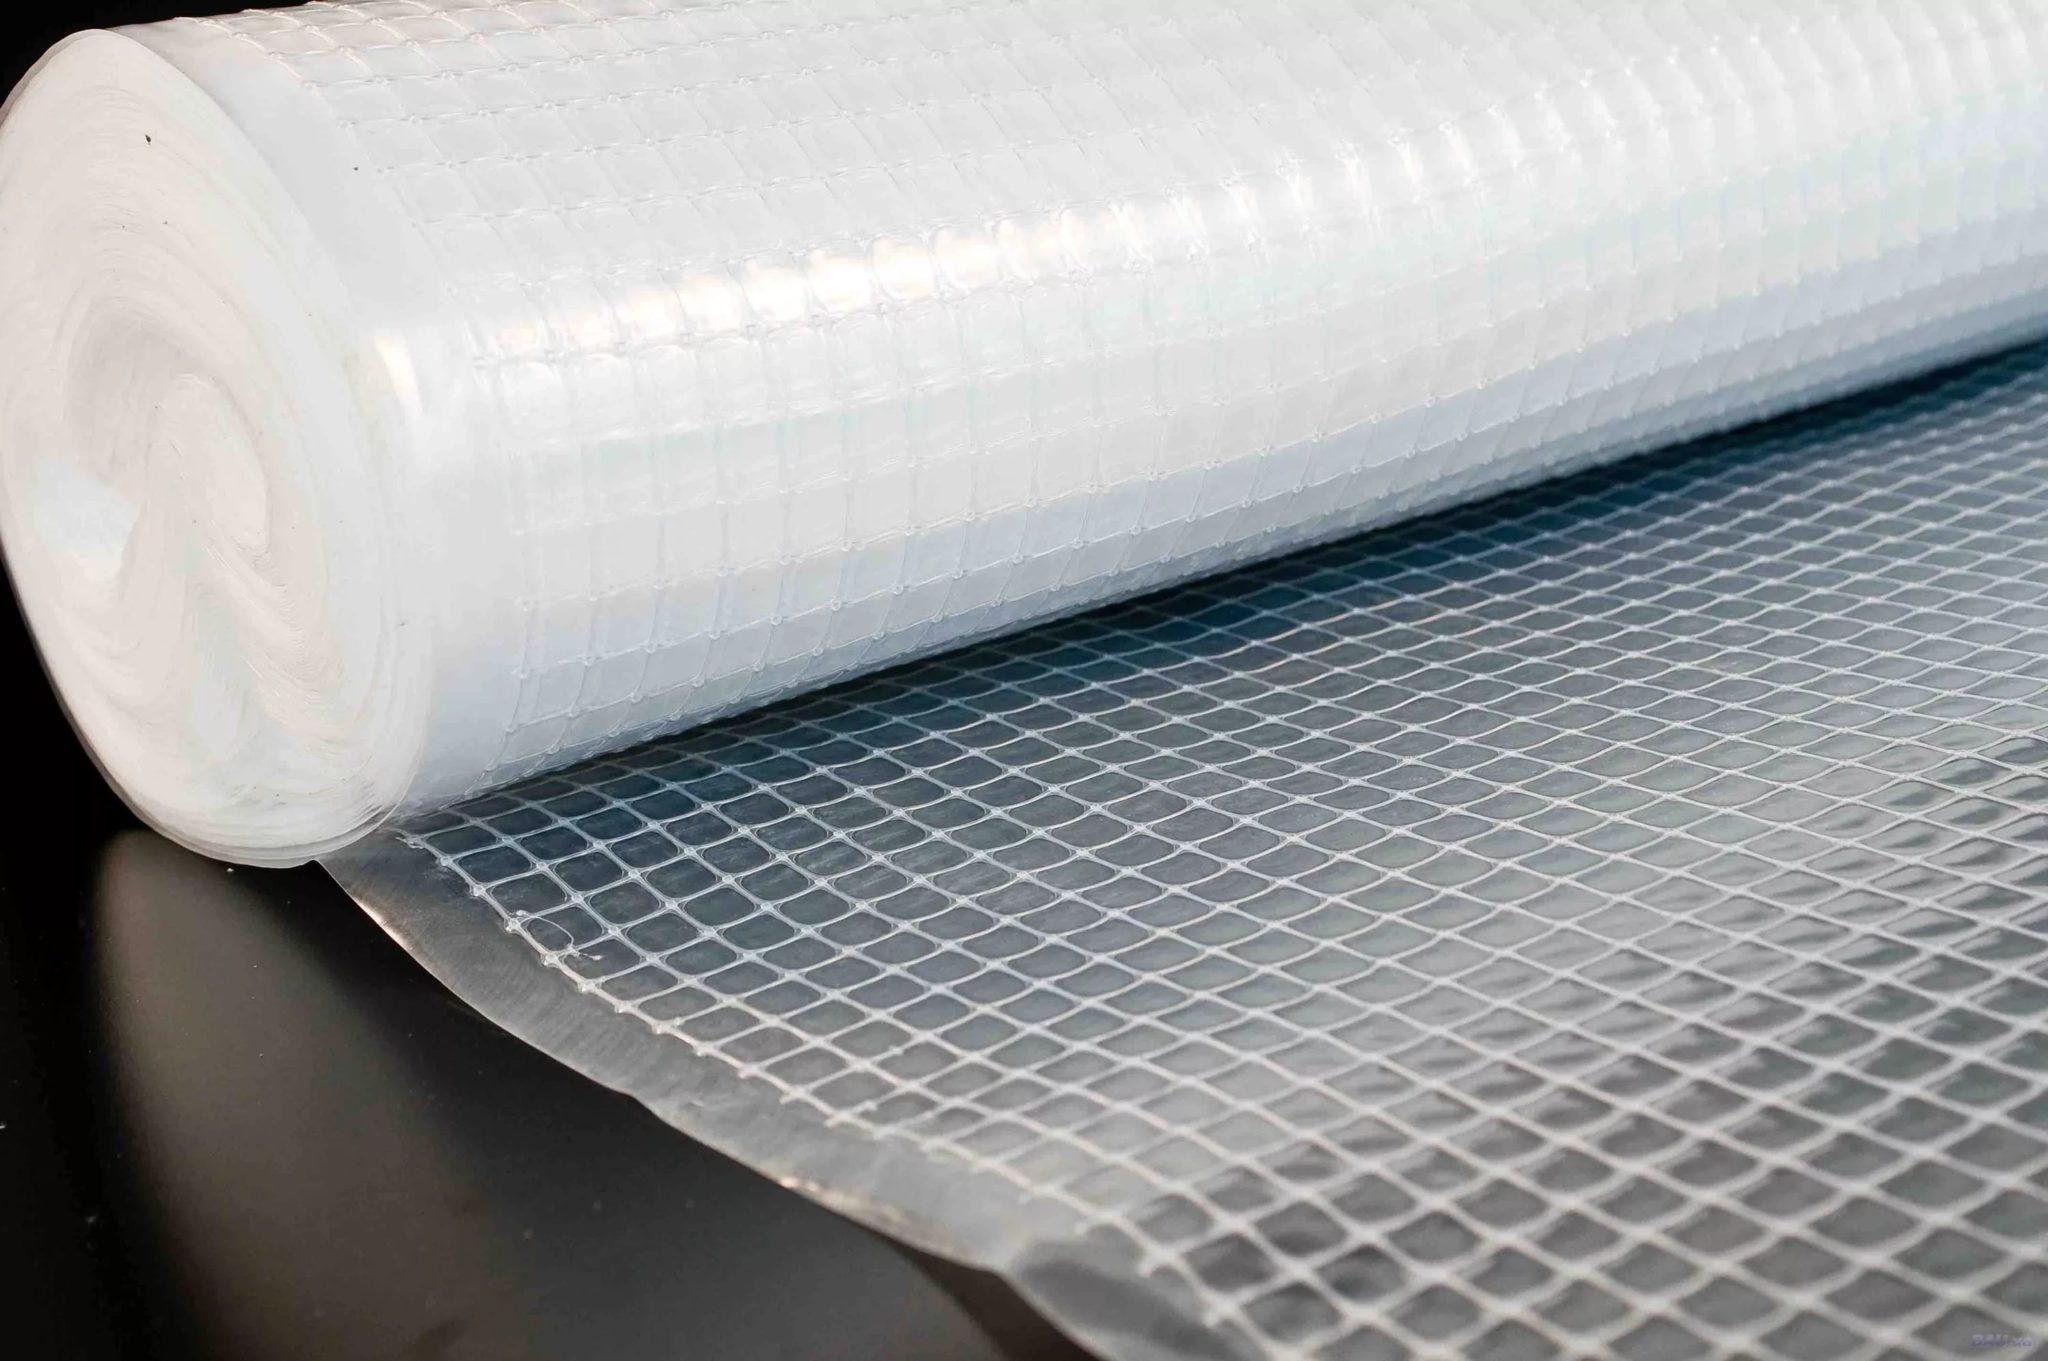 Полиэтиленовая пленка — самый дешевый кровельный гидроизоляционный материал